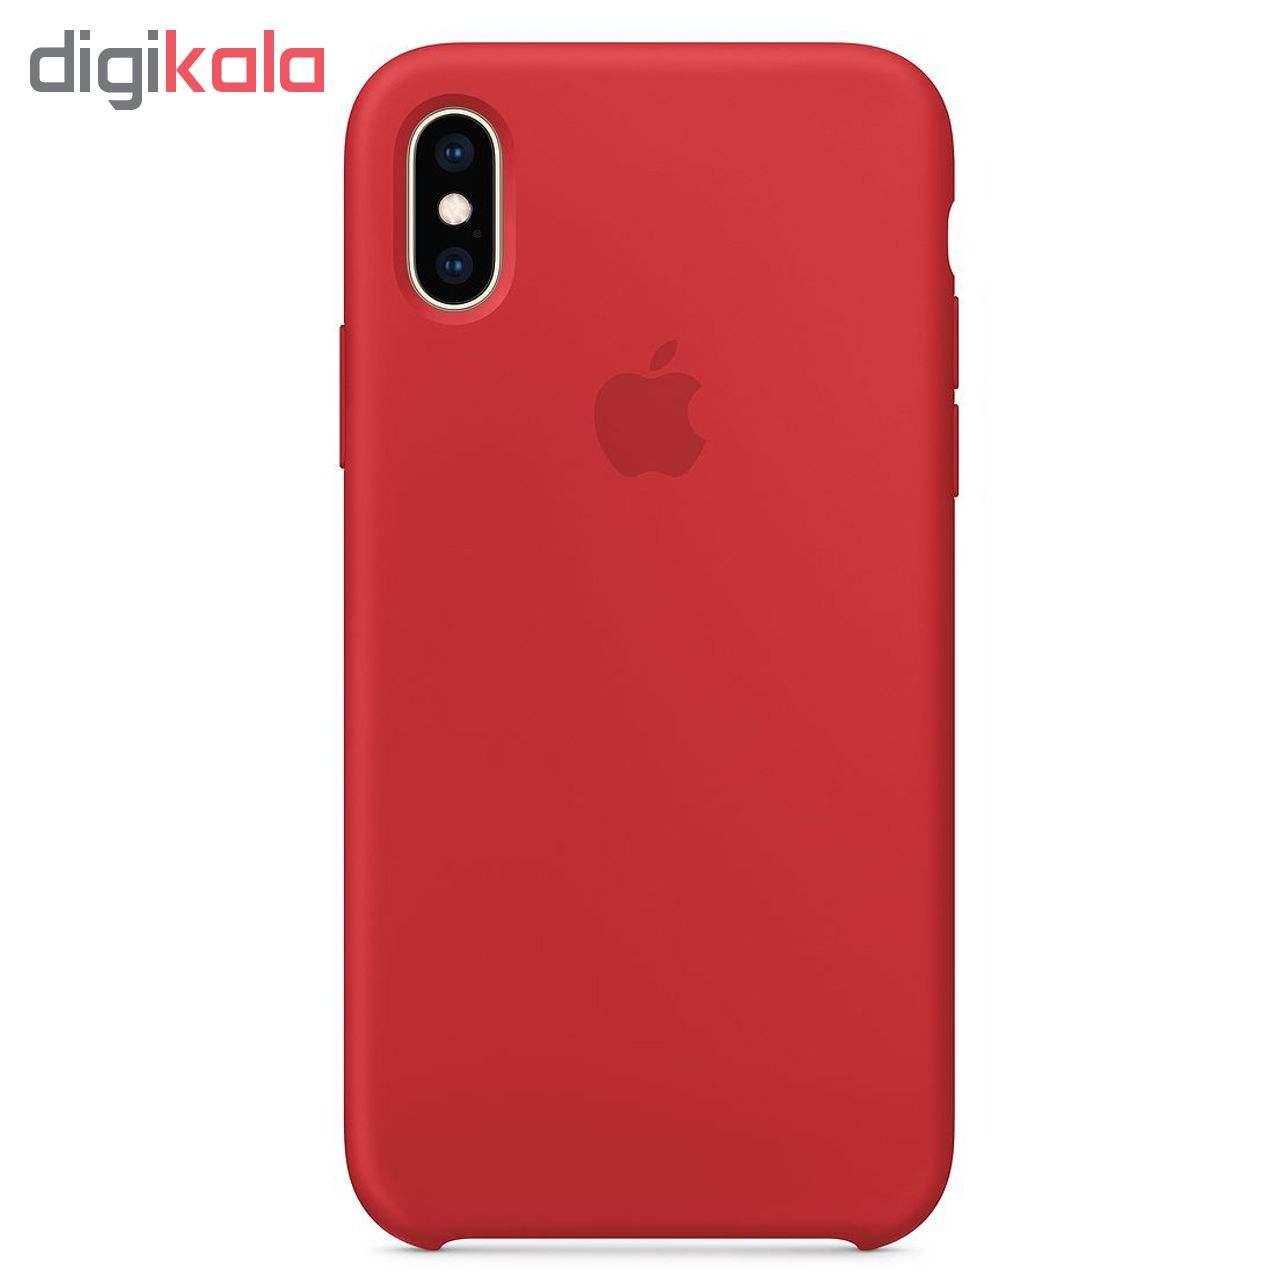 کاور مدل sili004 مناسب برای گوشی موبایل اپل Iphone XS Max main 1 4